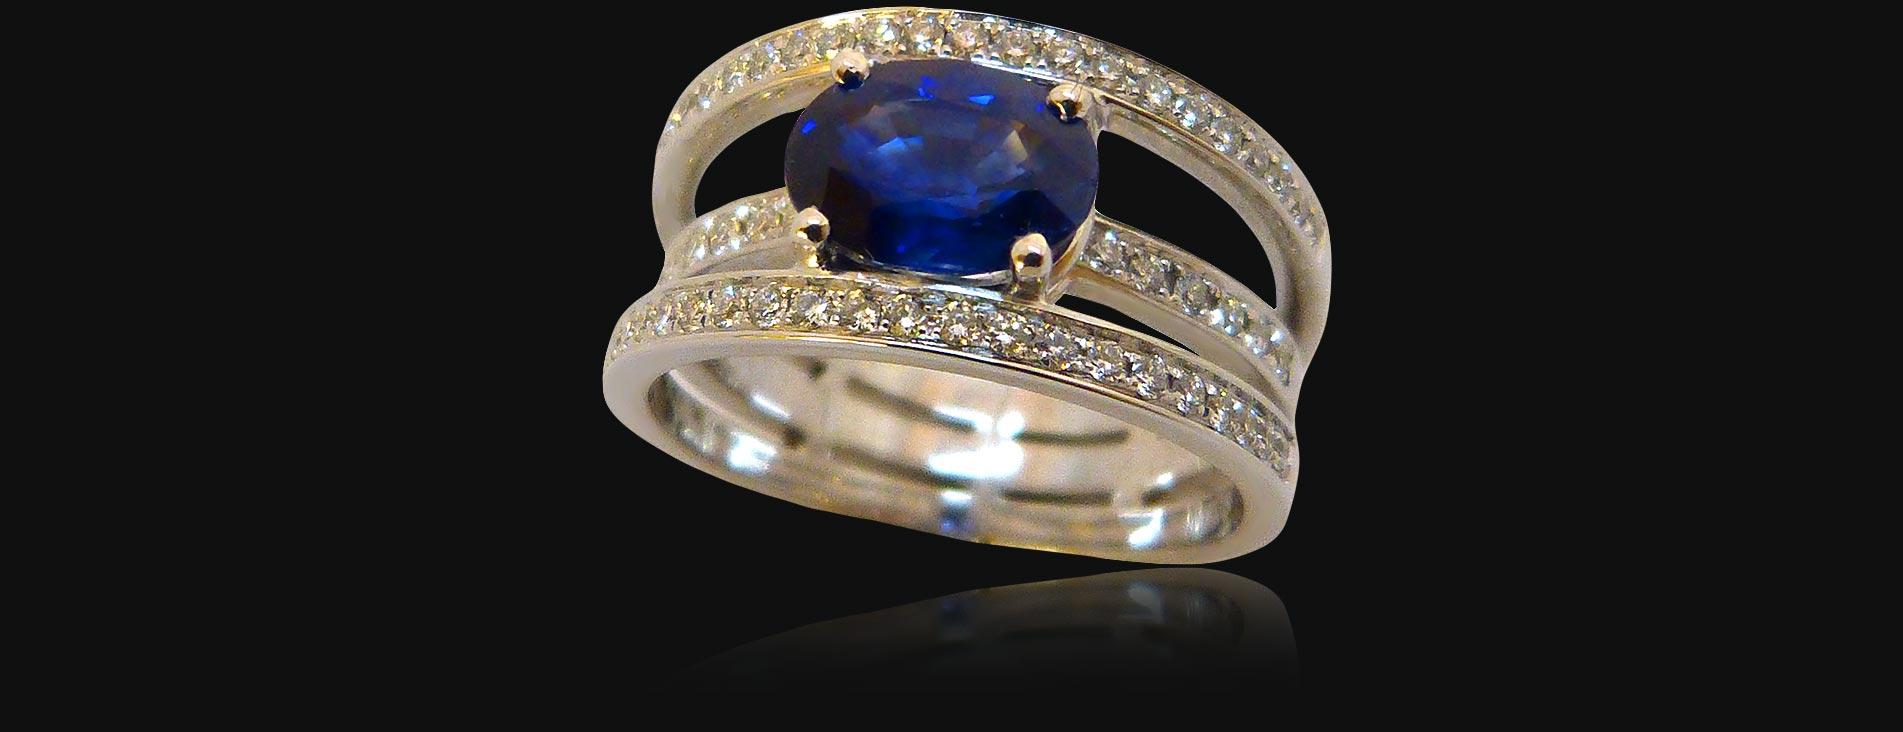 Bague or blanc de 7g51, saphir 1,86 carat diamants 0,45 carat. - PRIX : 6490 €